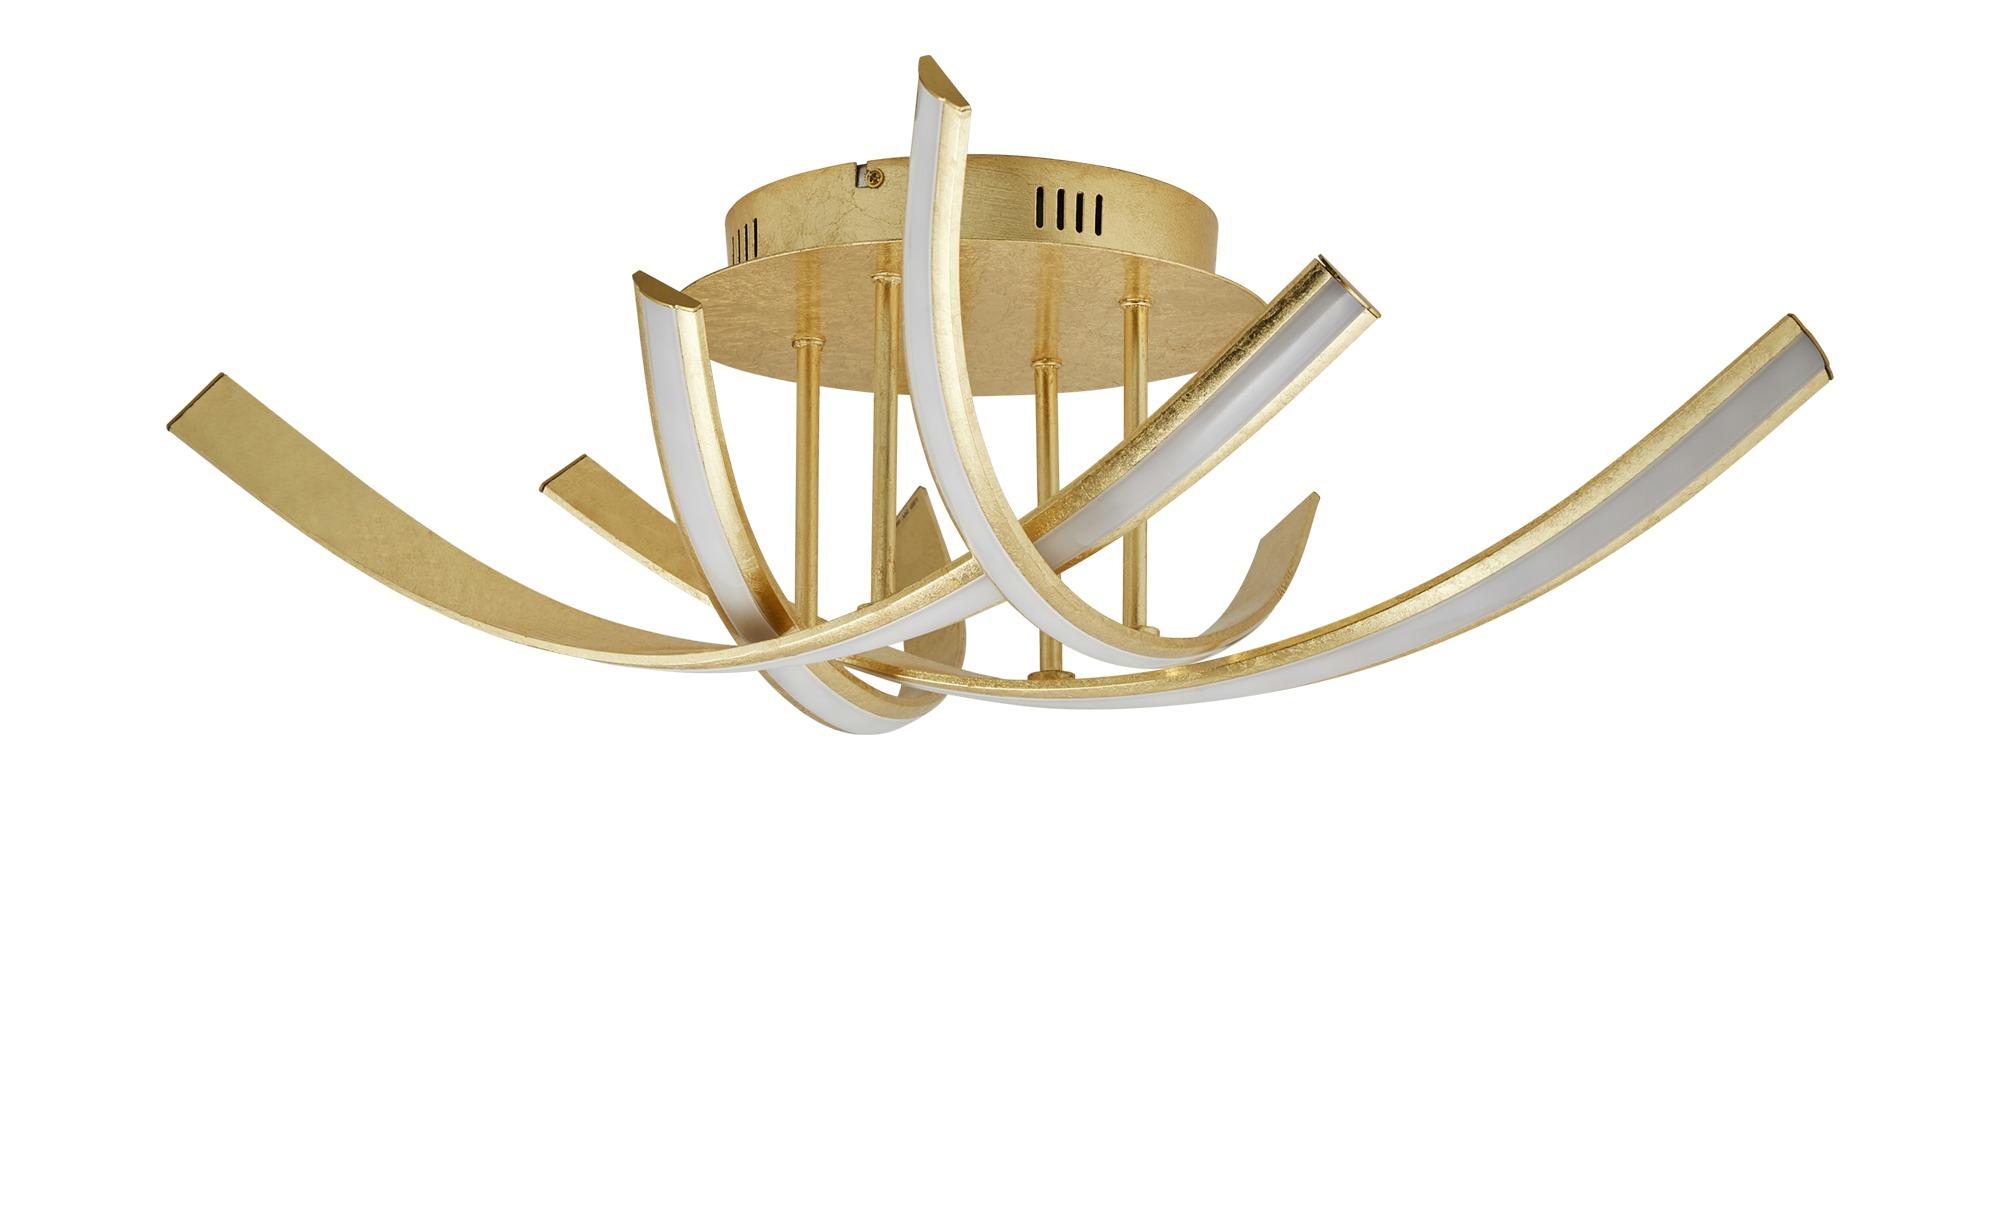 Paul Neuhaus LED-Deckenleuchten, 4-flammig, goldfarben ¦ gold ¦ Maße (cm): B: 73 H: 20 Lampen & Leuchten > Innenleuchten > Deckenleuchten - Höffner